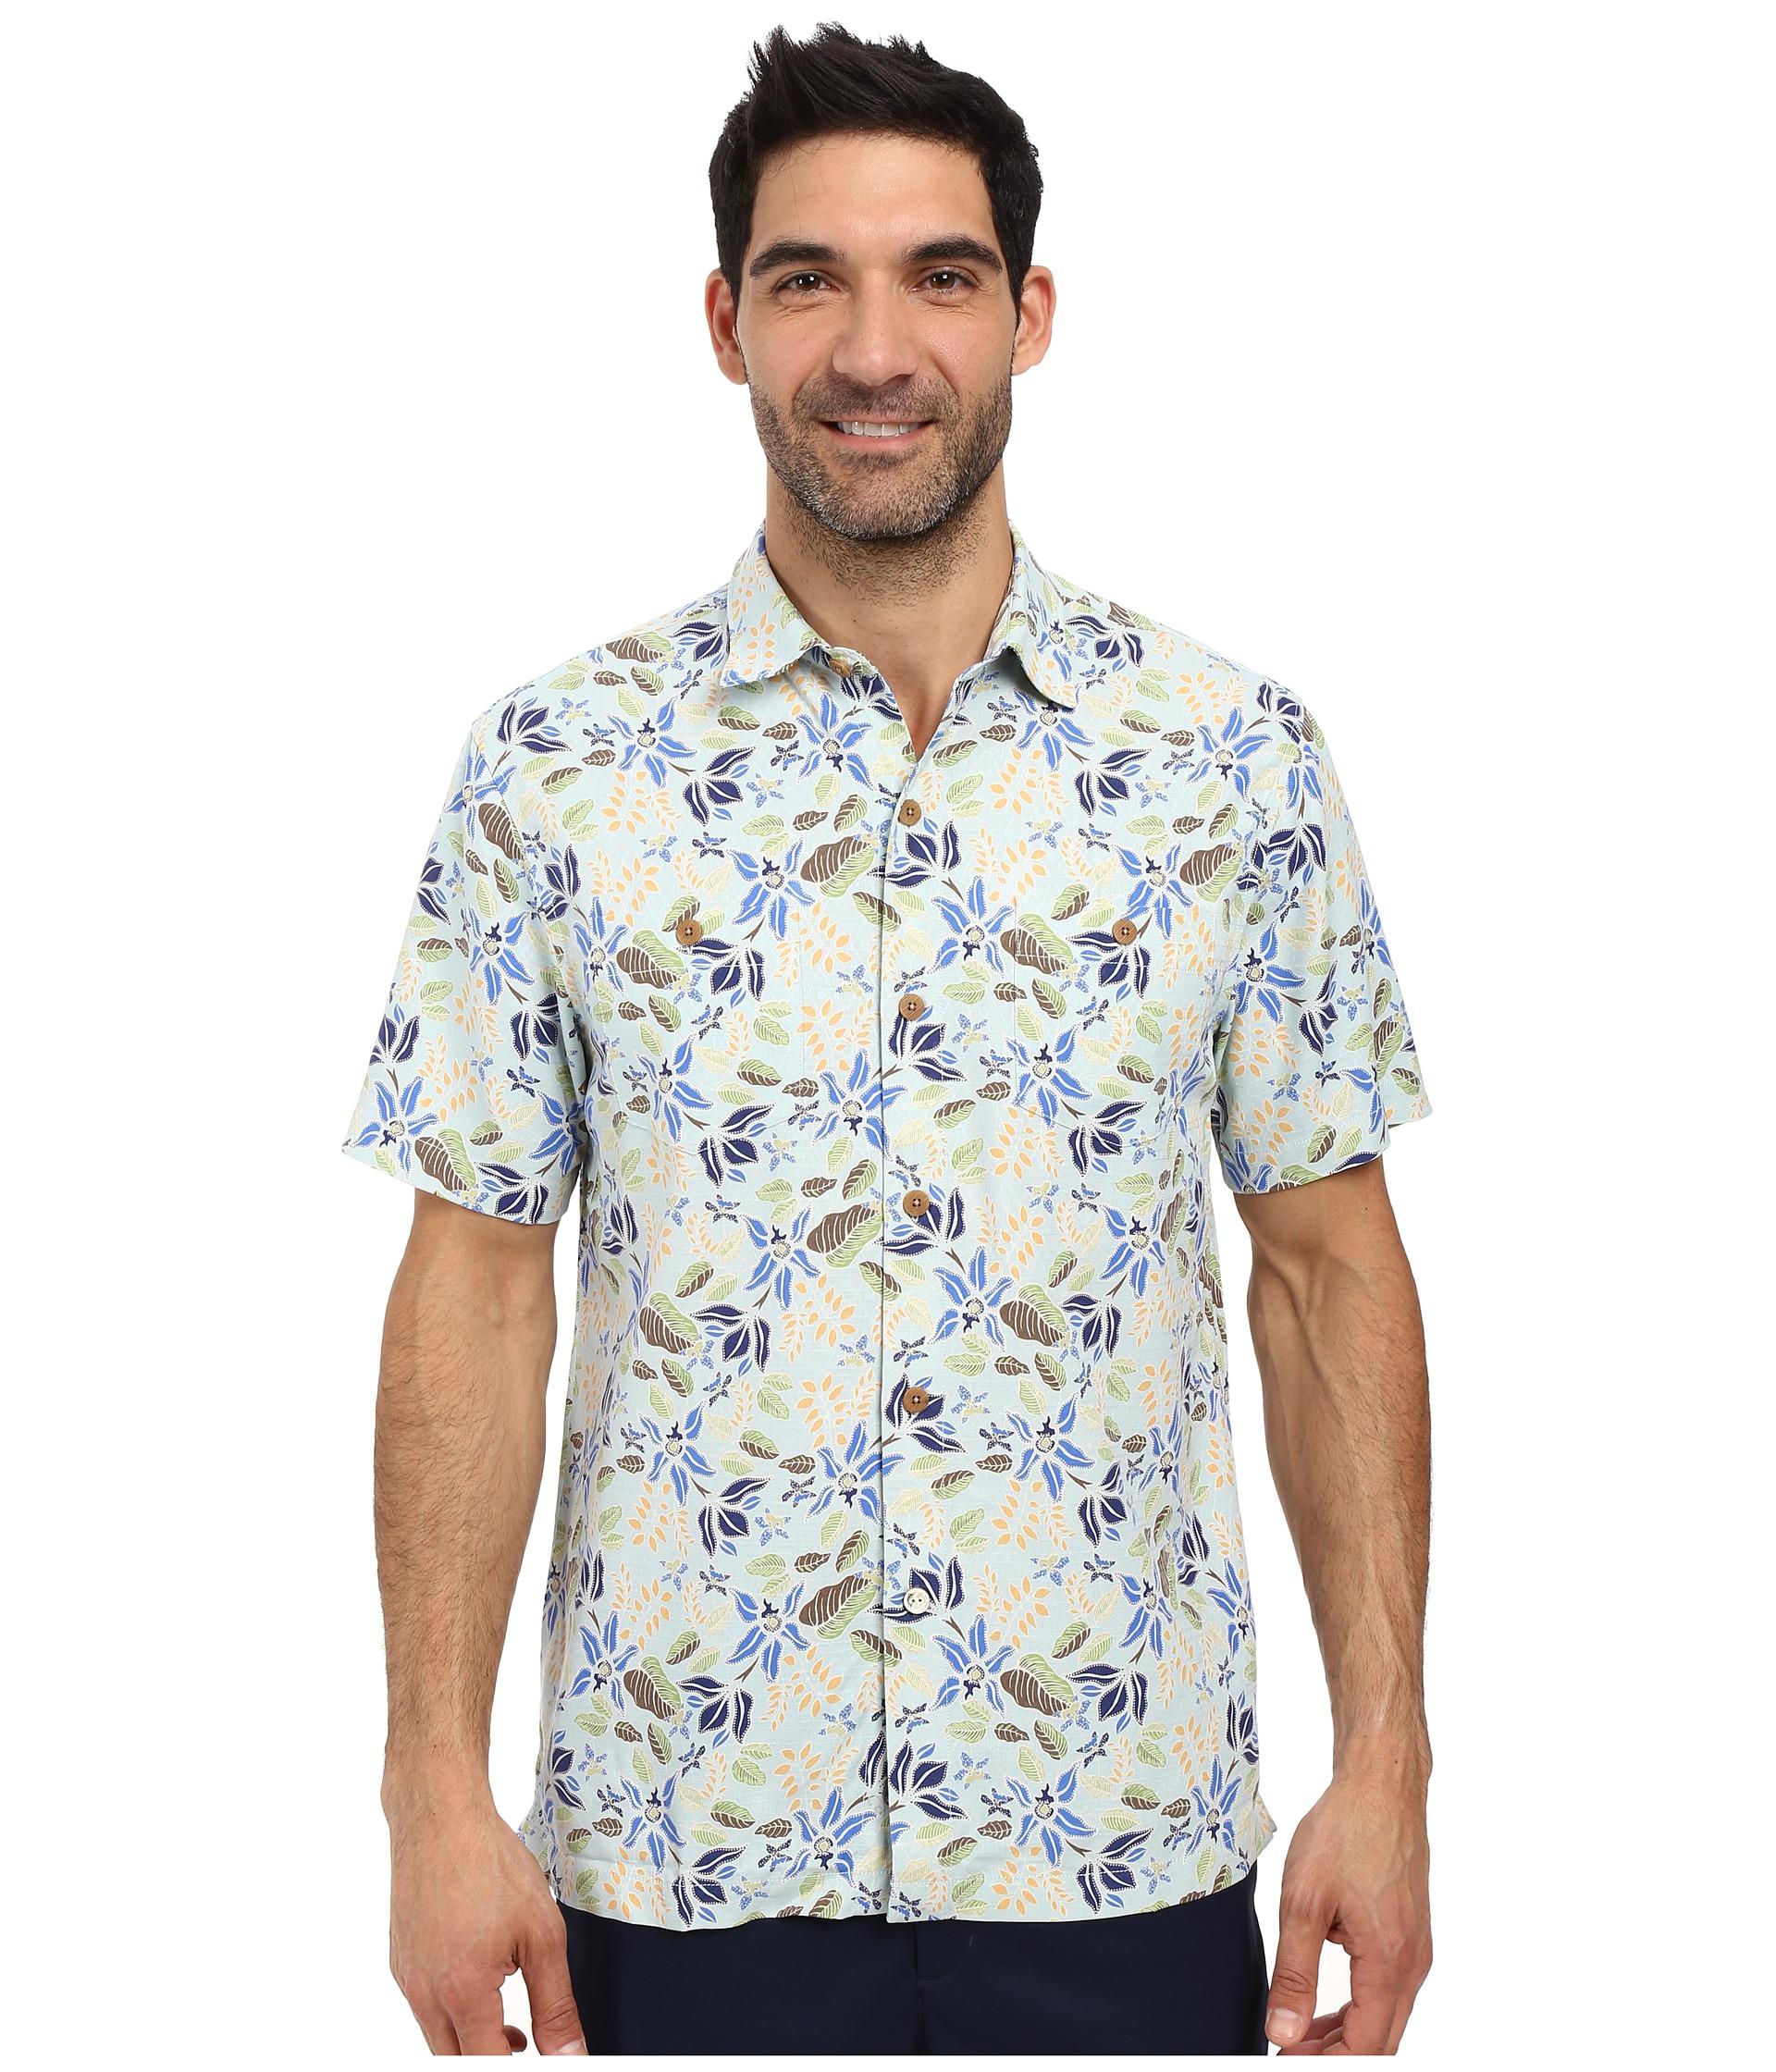 Tommy Bahama Mariposa Grove Shirt at Zapposcom